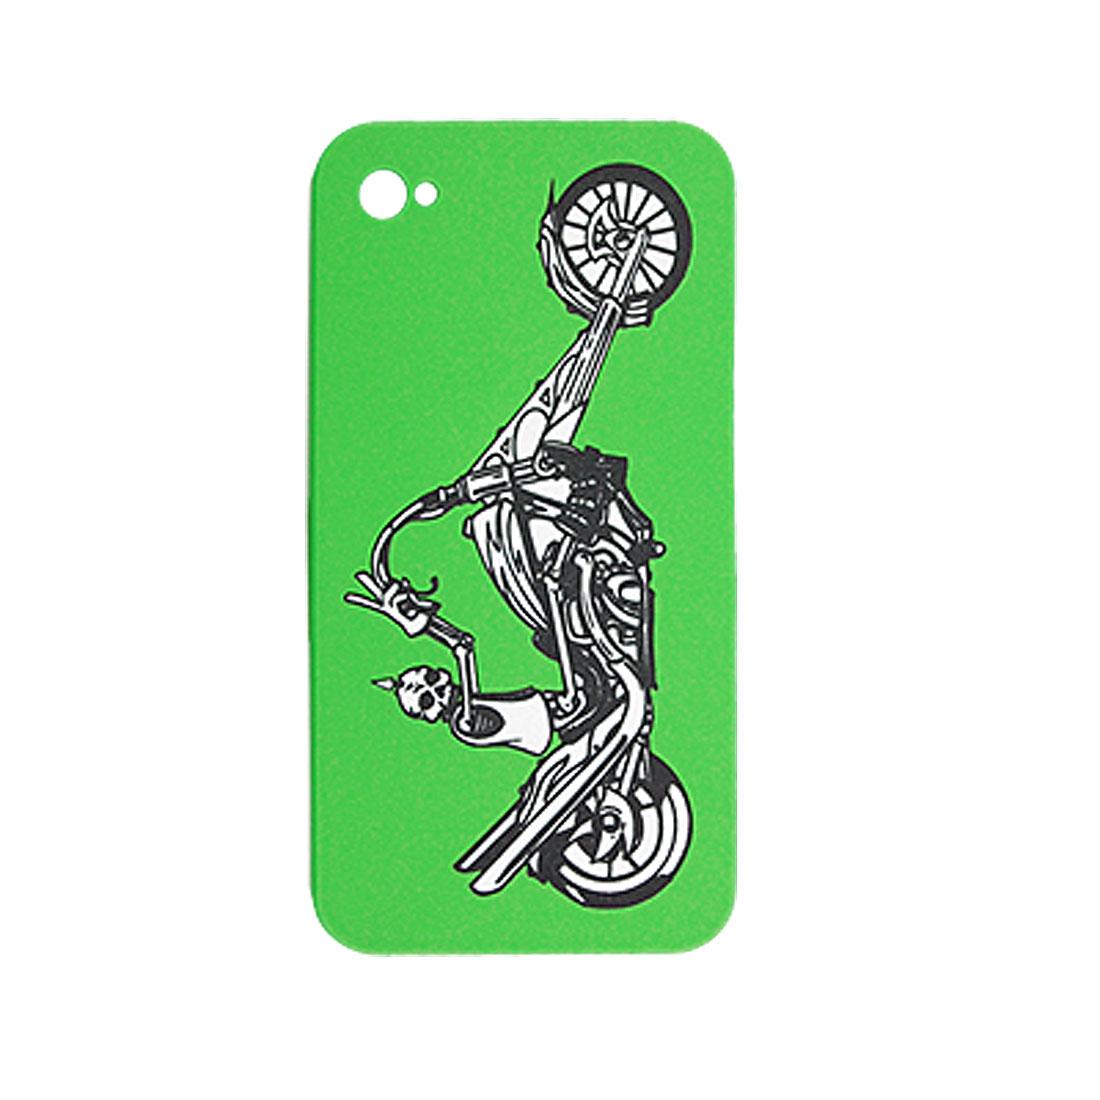 Green Hard Plastic Skull Motobike Back Case for iPhone 4 4G